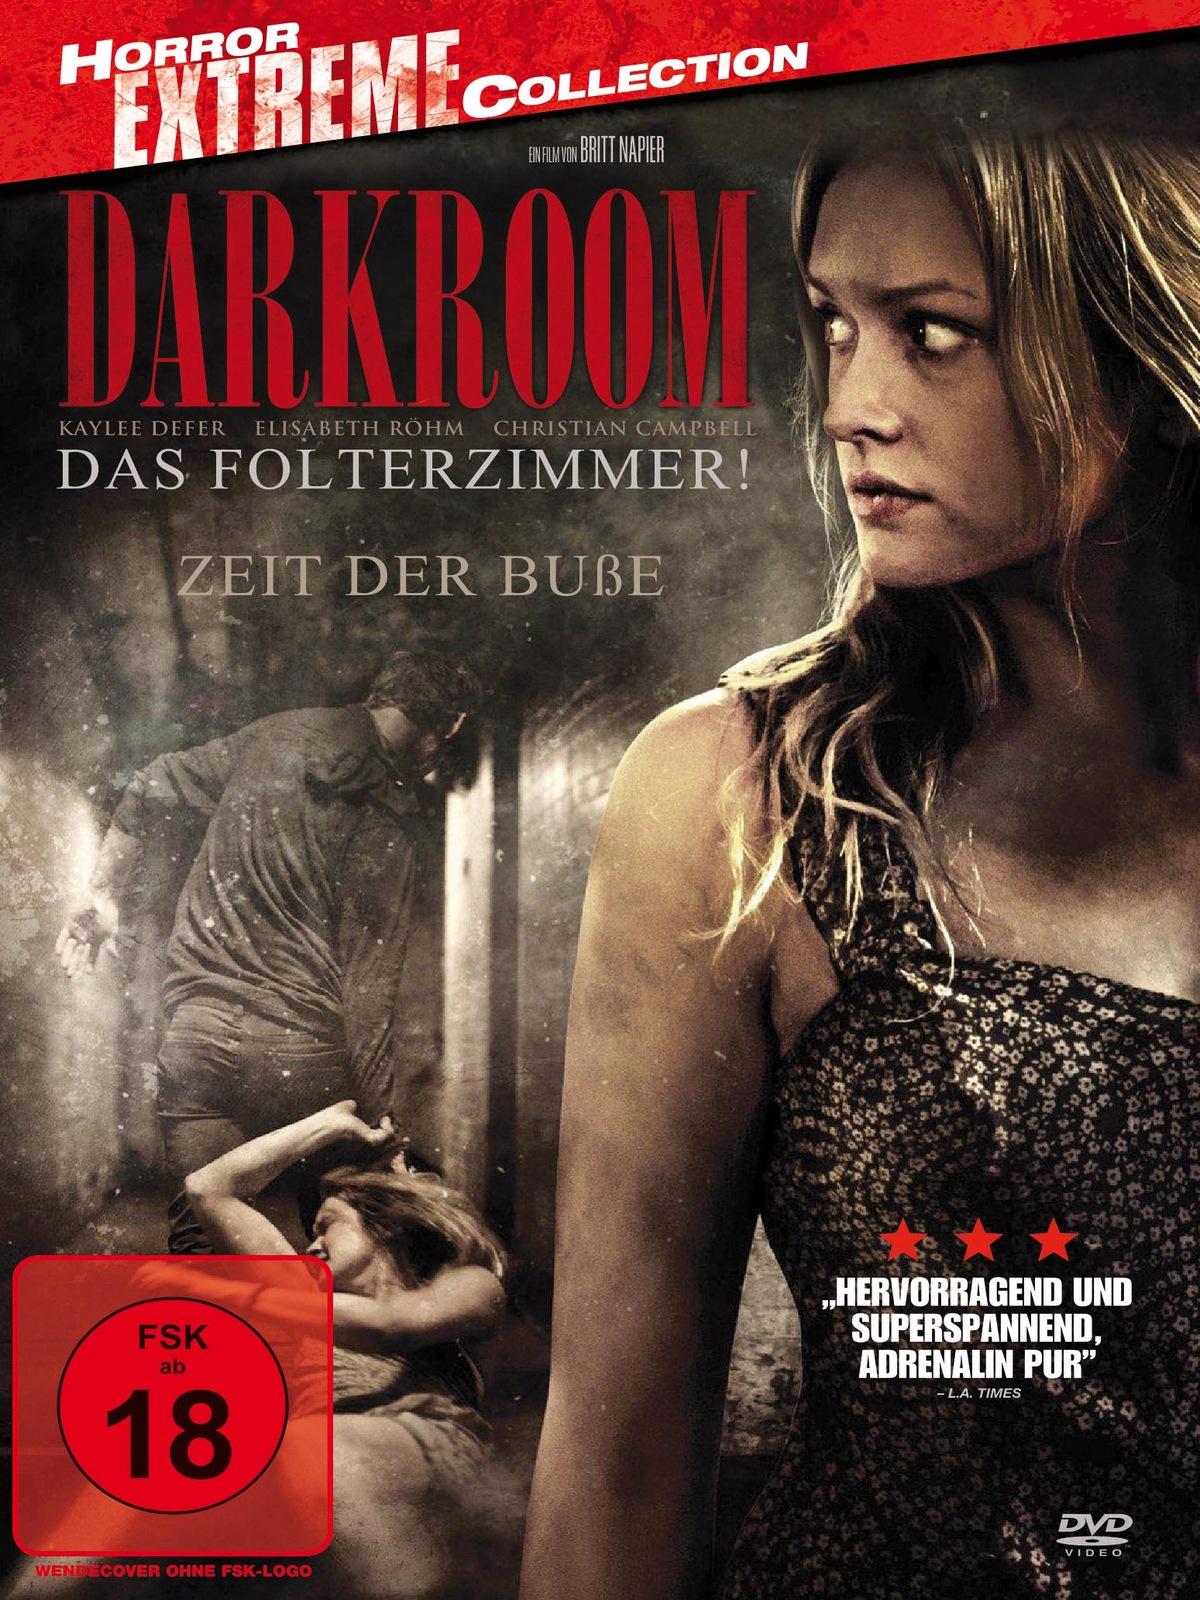 Darkroom Das Folterzimmer